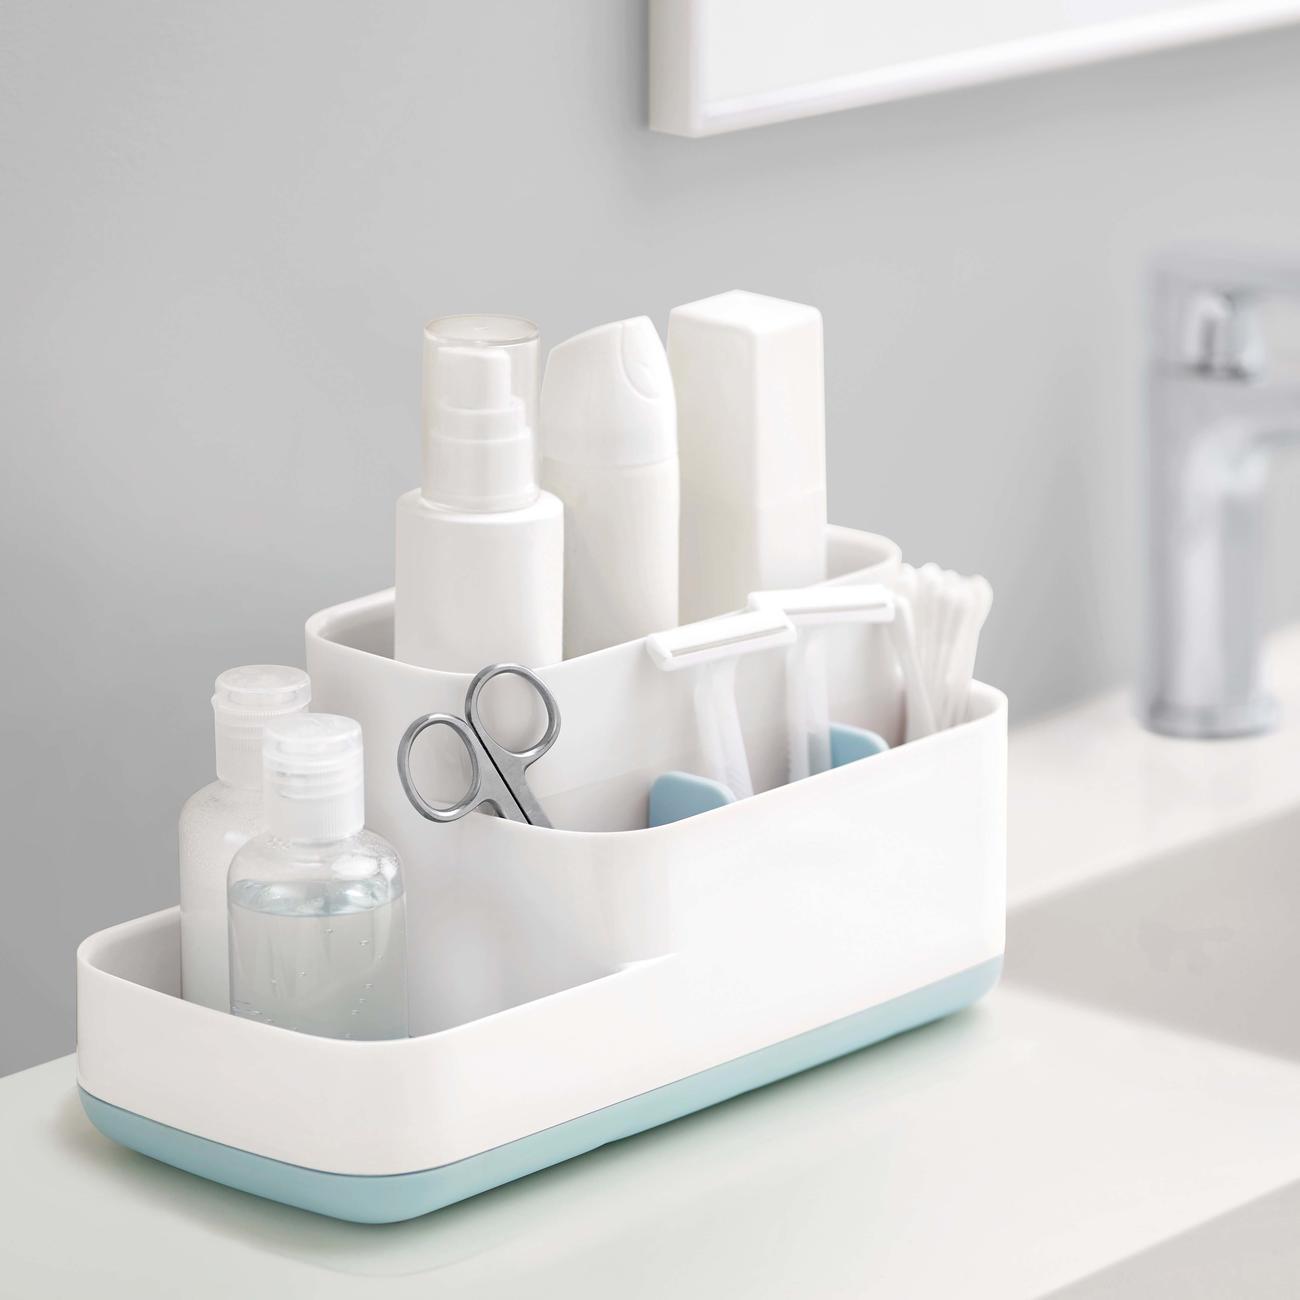 Organiseur de salle de bains joseph joseph pas cher pro idee - Organiseur salle de bain ...